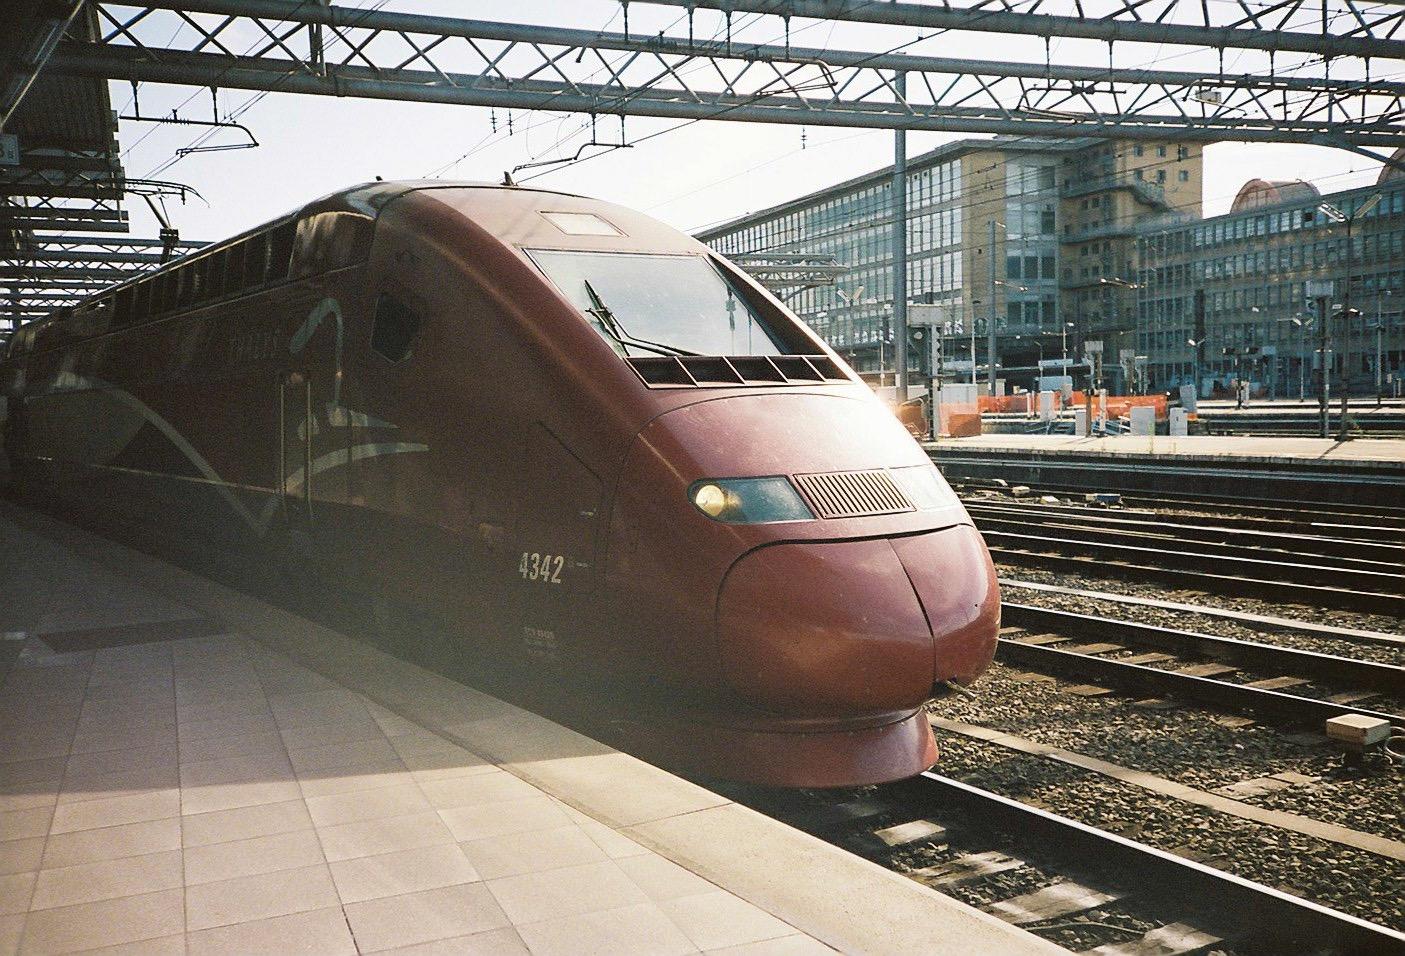 ヨーロッパ 電車 旅行